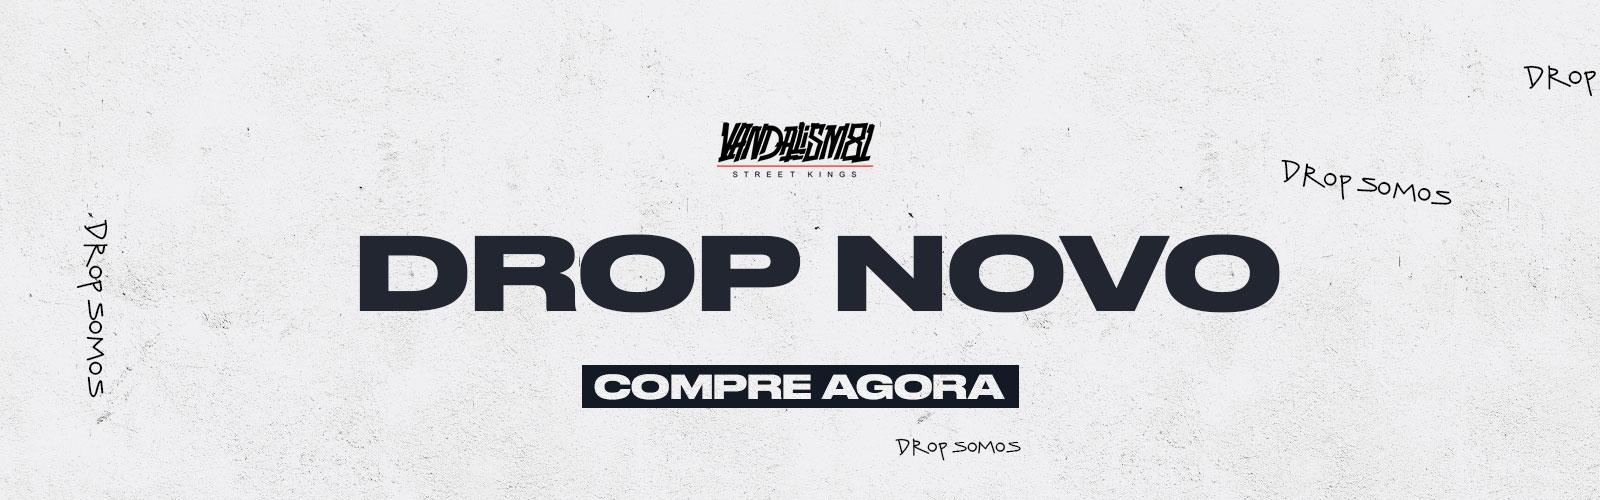 Drop Novo